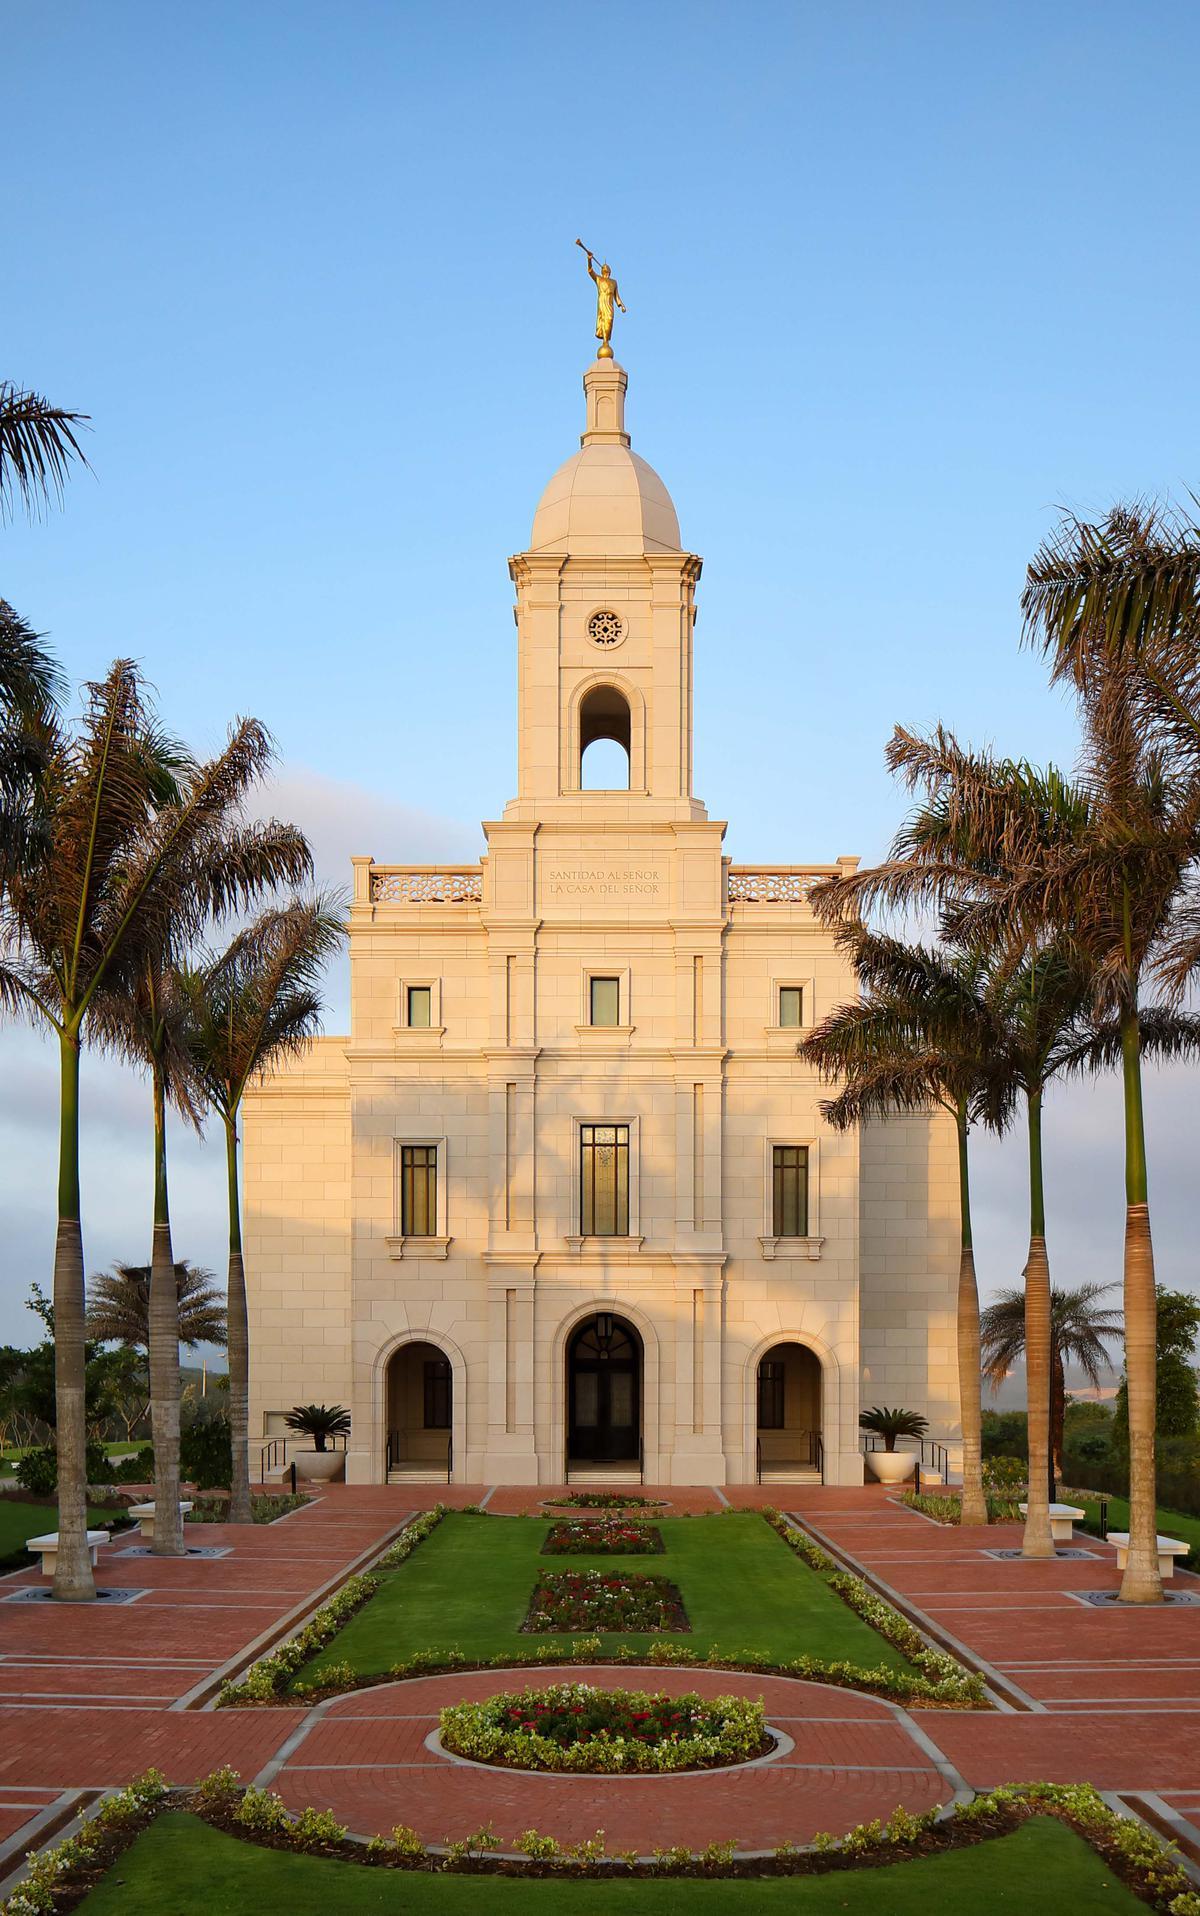 Templo de Barranquilla Colombia